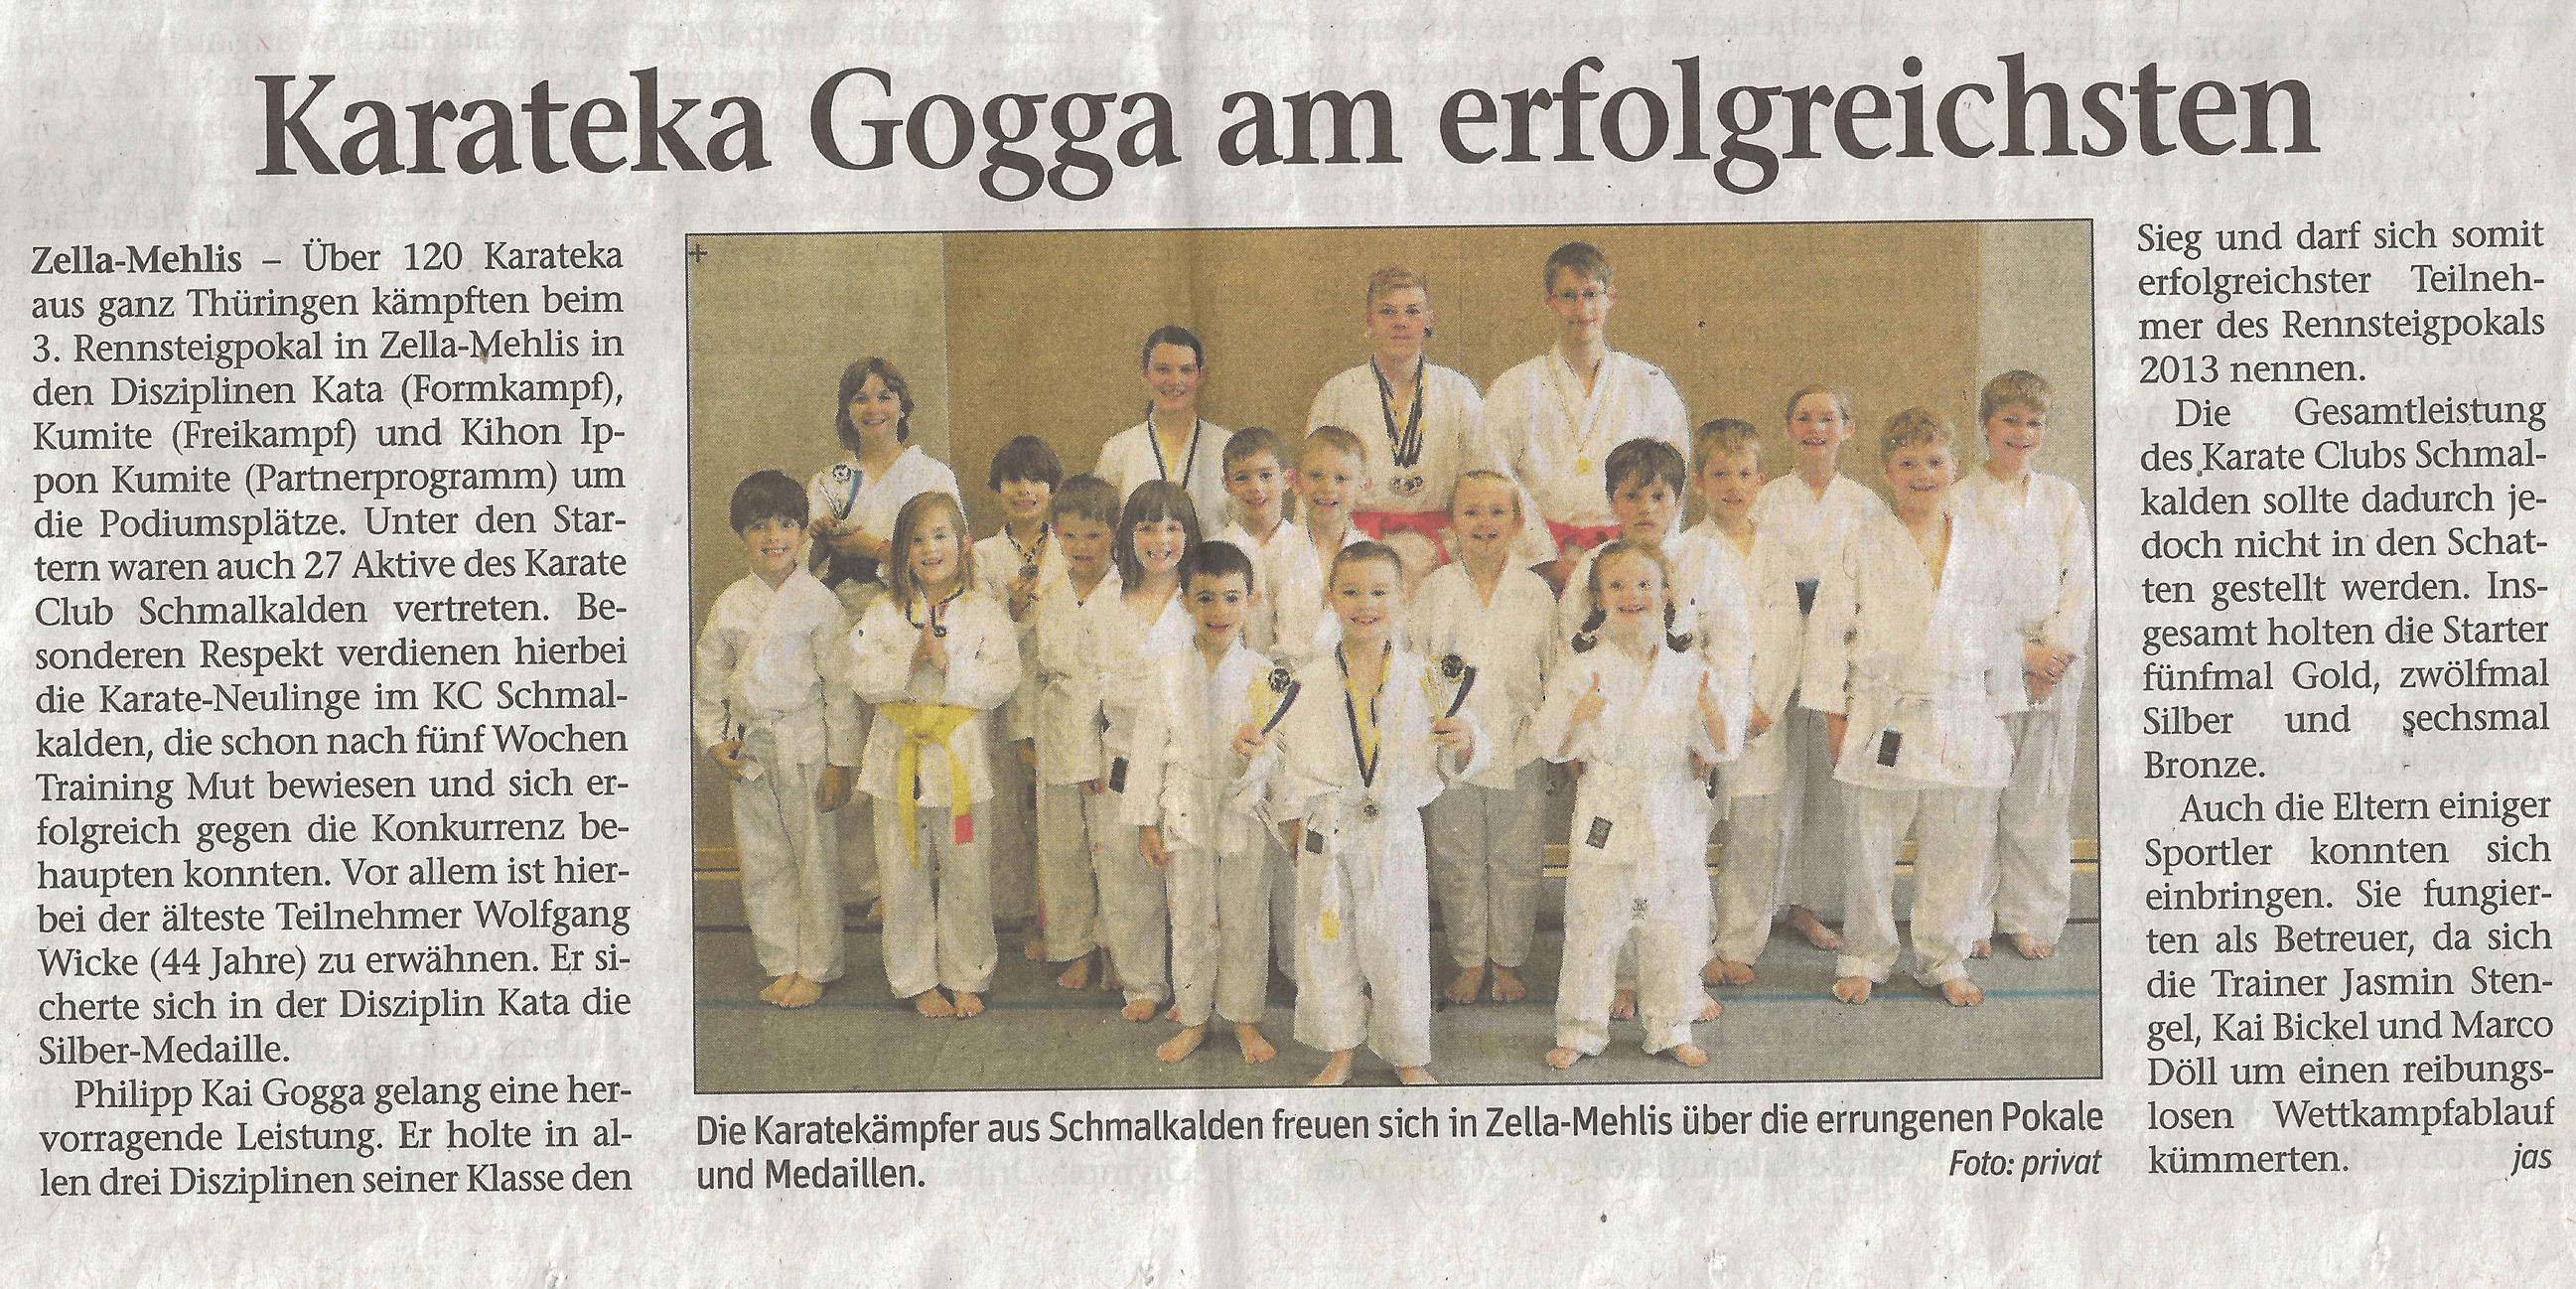 rennsteigpokal.png